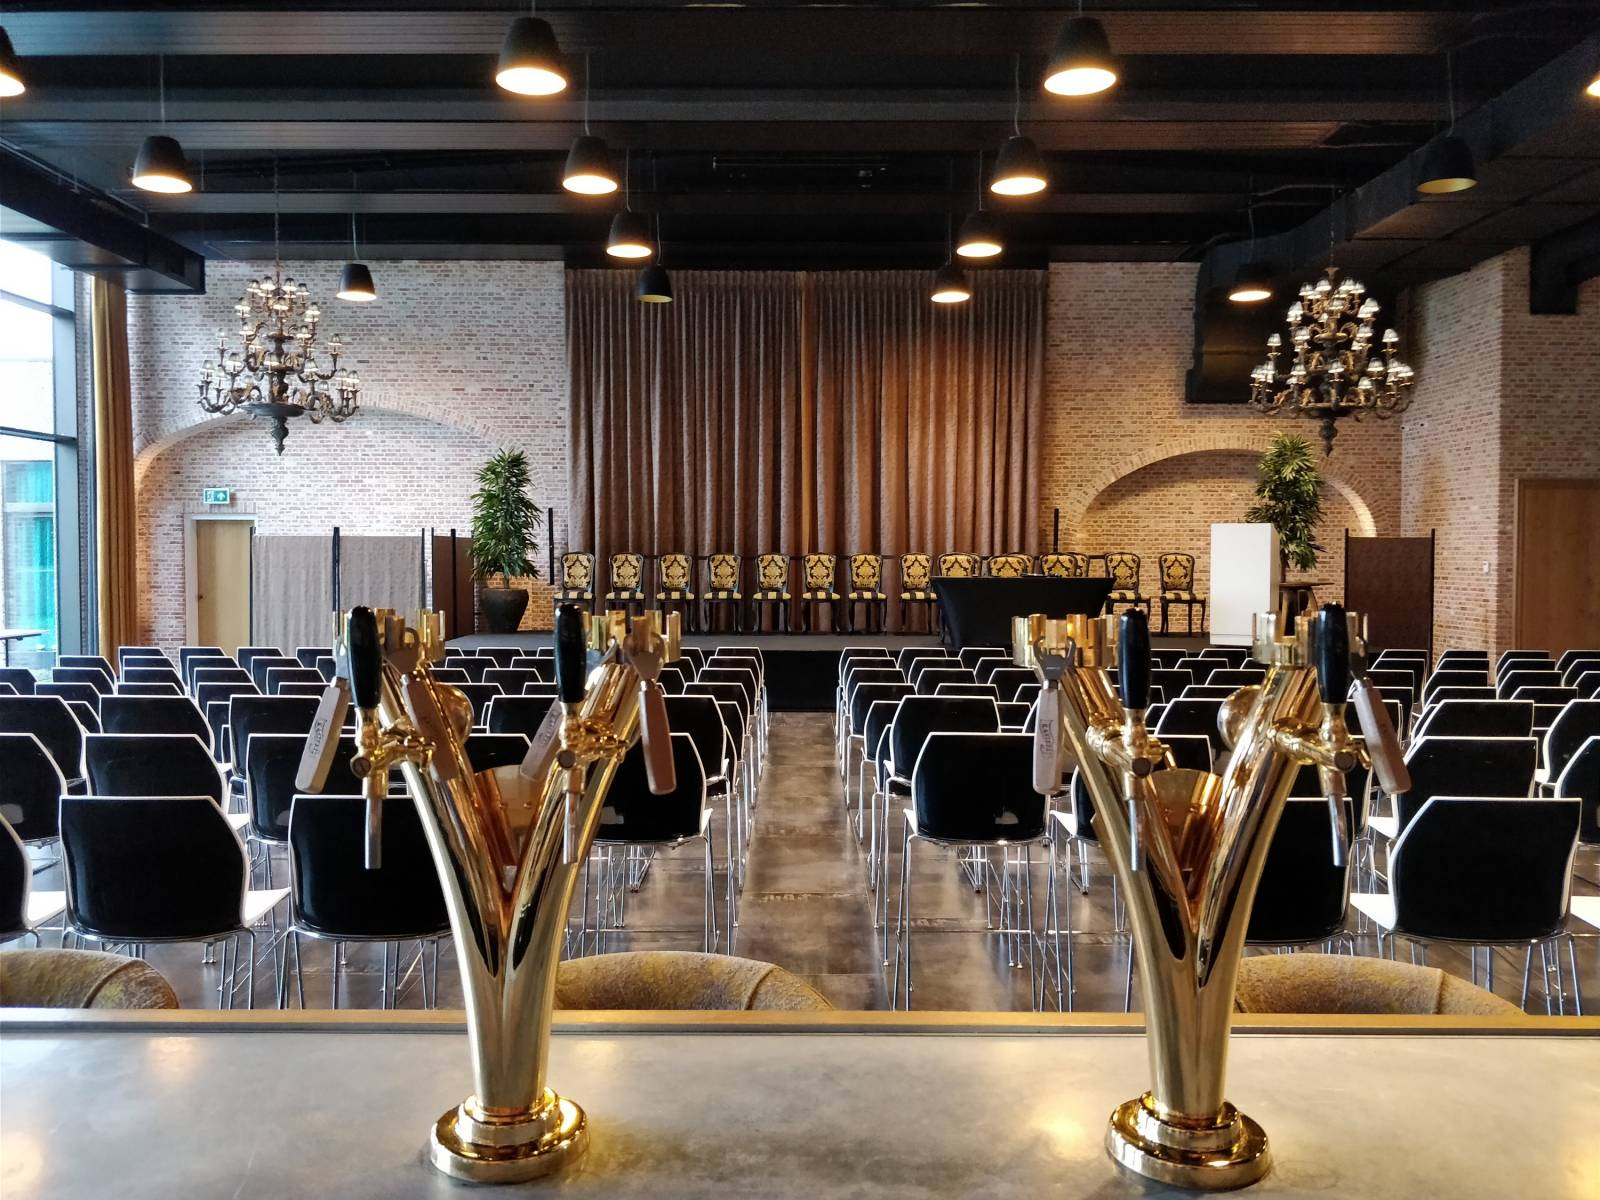 Het Bierkasteel - Feestzaal - Feestlocatie - Brouwerij - Restaurant - Industrieel - Izegem (West-Vlaanderen) - House of Events - 16